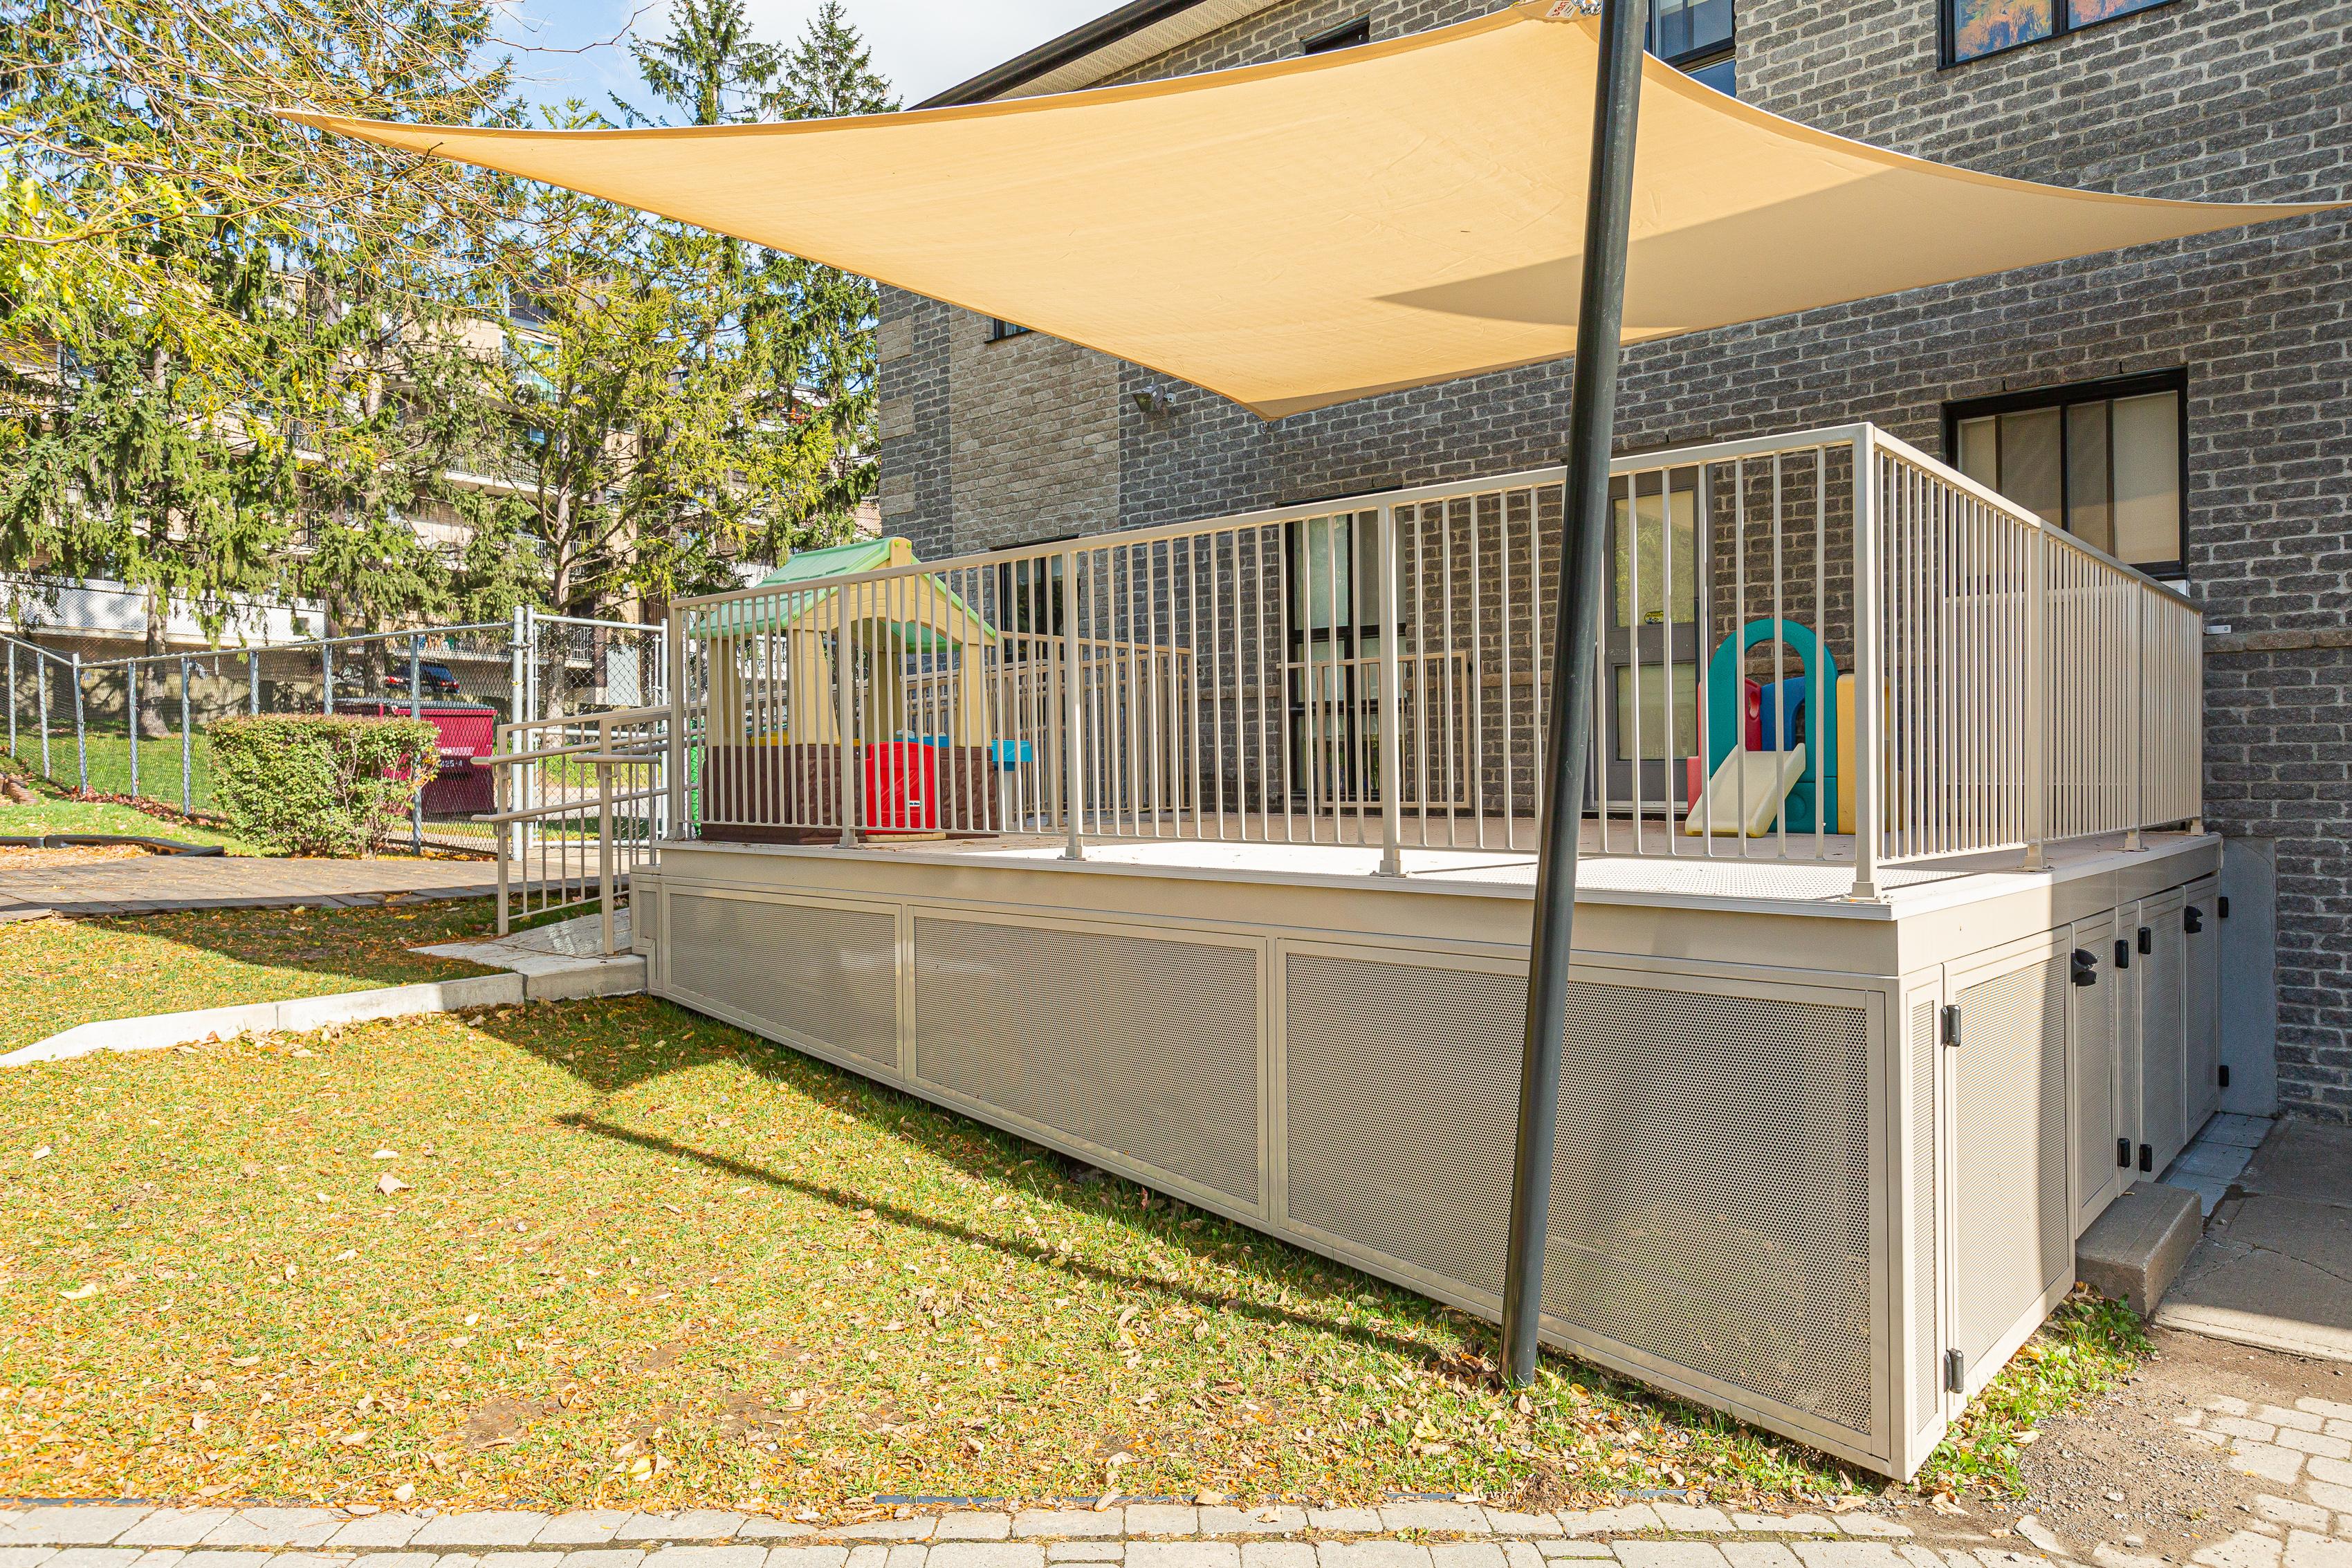 terrasse ombragée dans une garderie